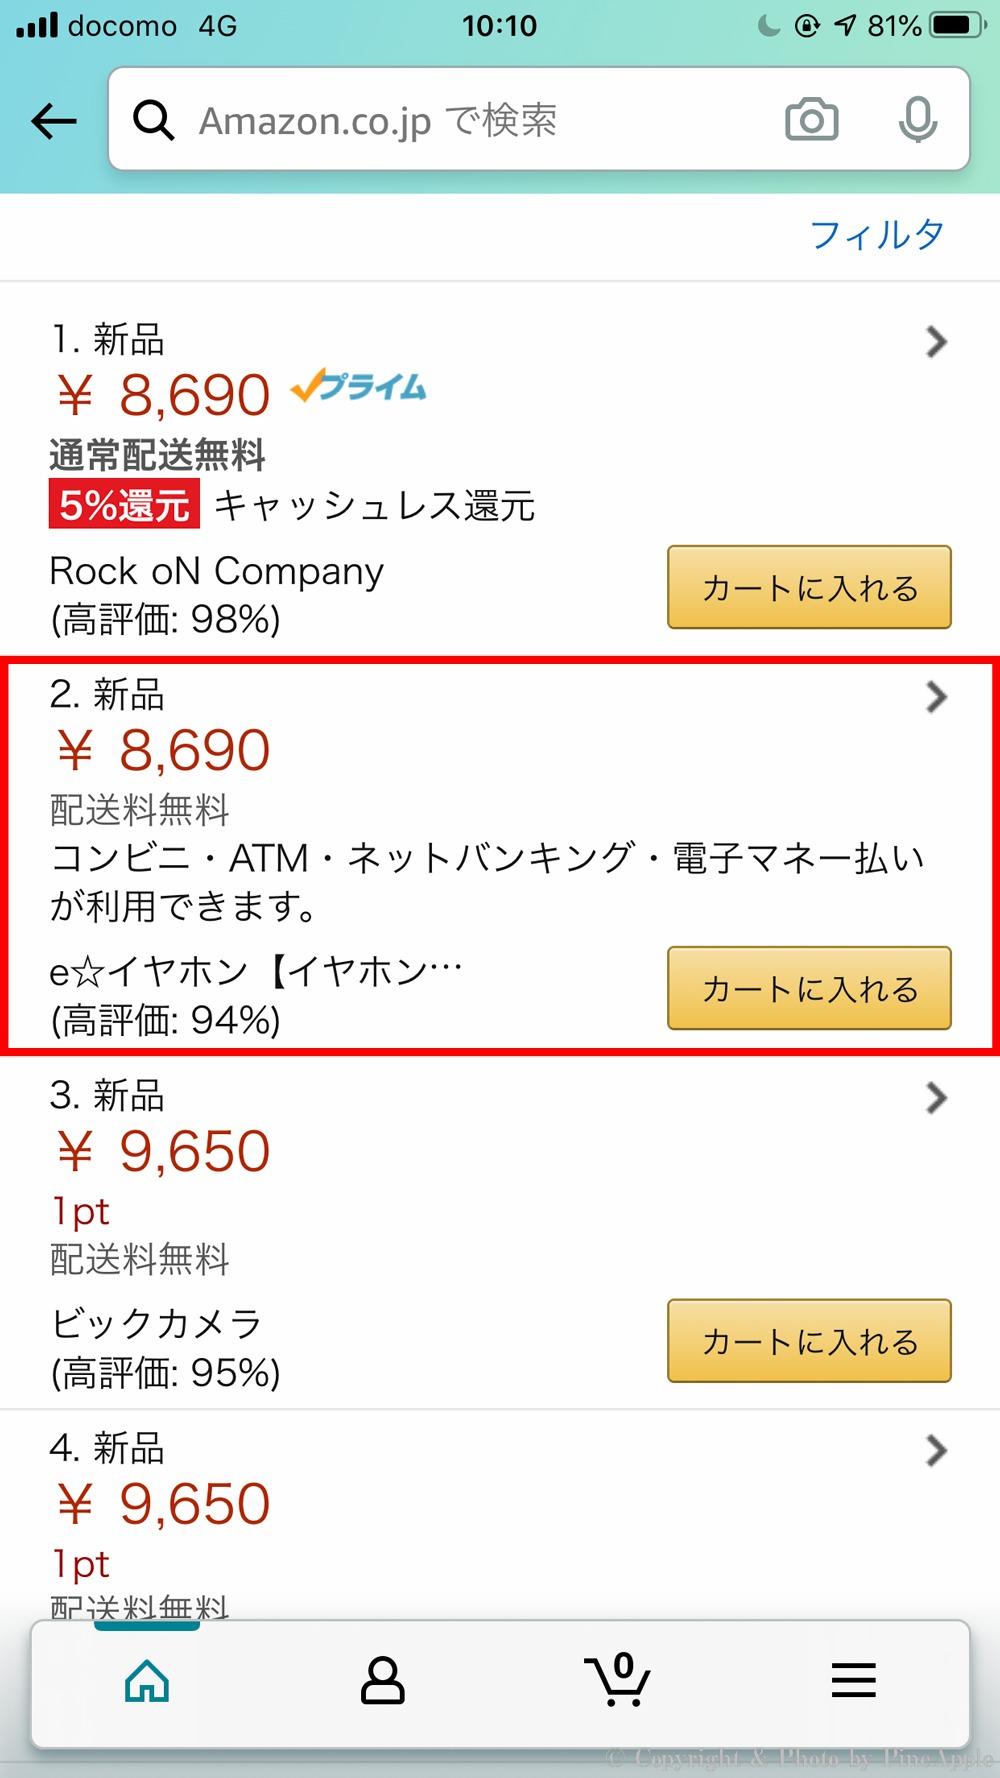 Amazon ショッピングアプリ:「e ☆ イヤホン【イヤホン・ヘッドホン専門店】」